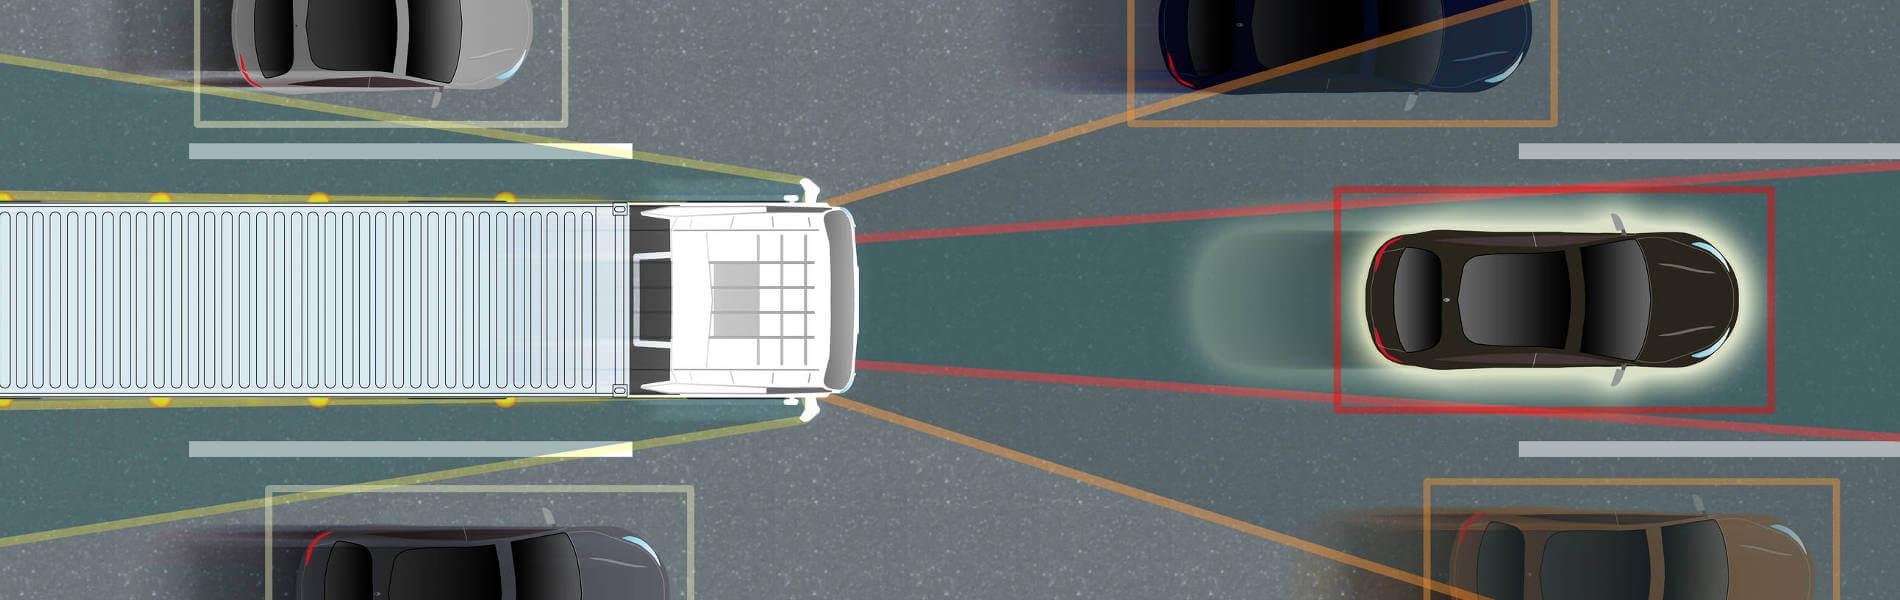 Platooning auf der A9: Fahrerassistenzsysteme agieren zunehmend autonom